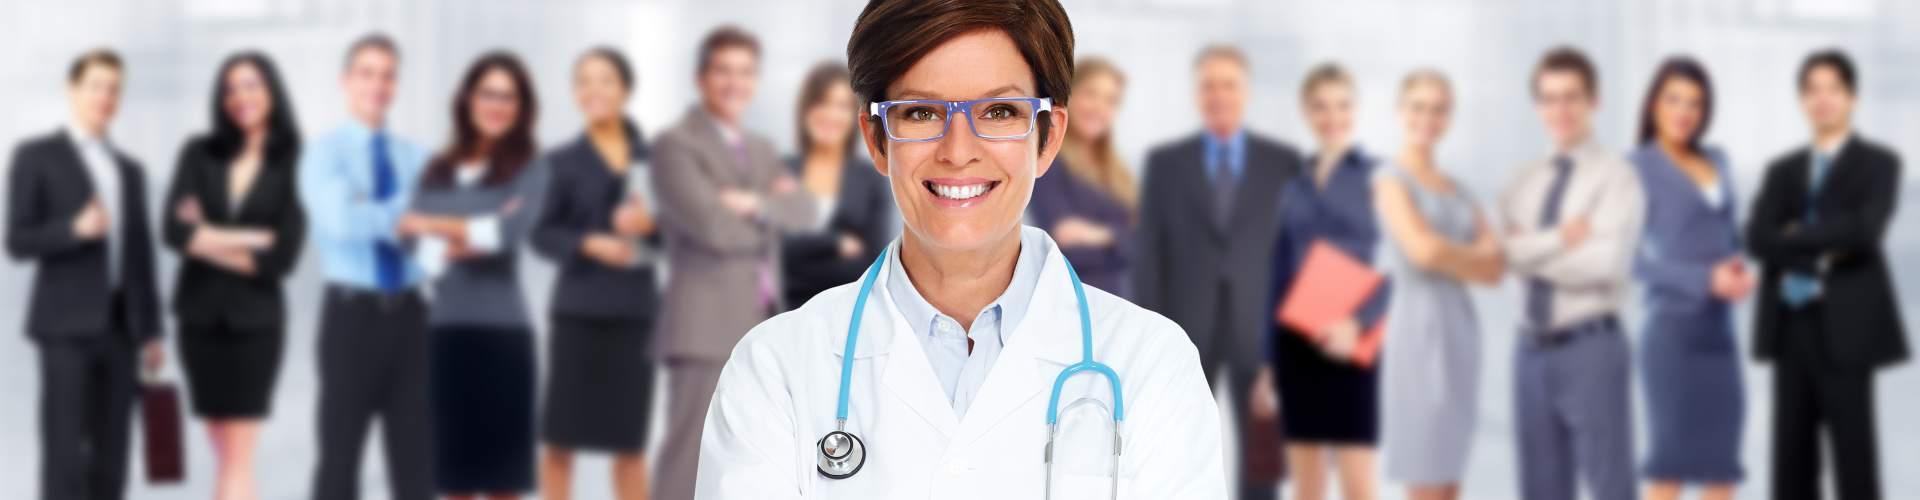 Corporate Medicine